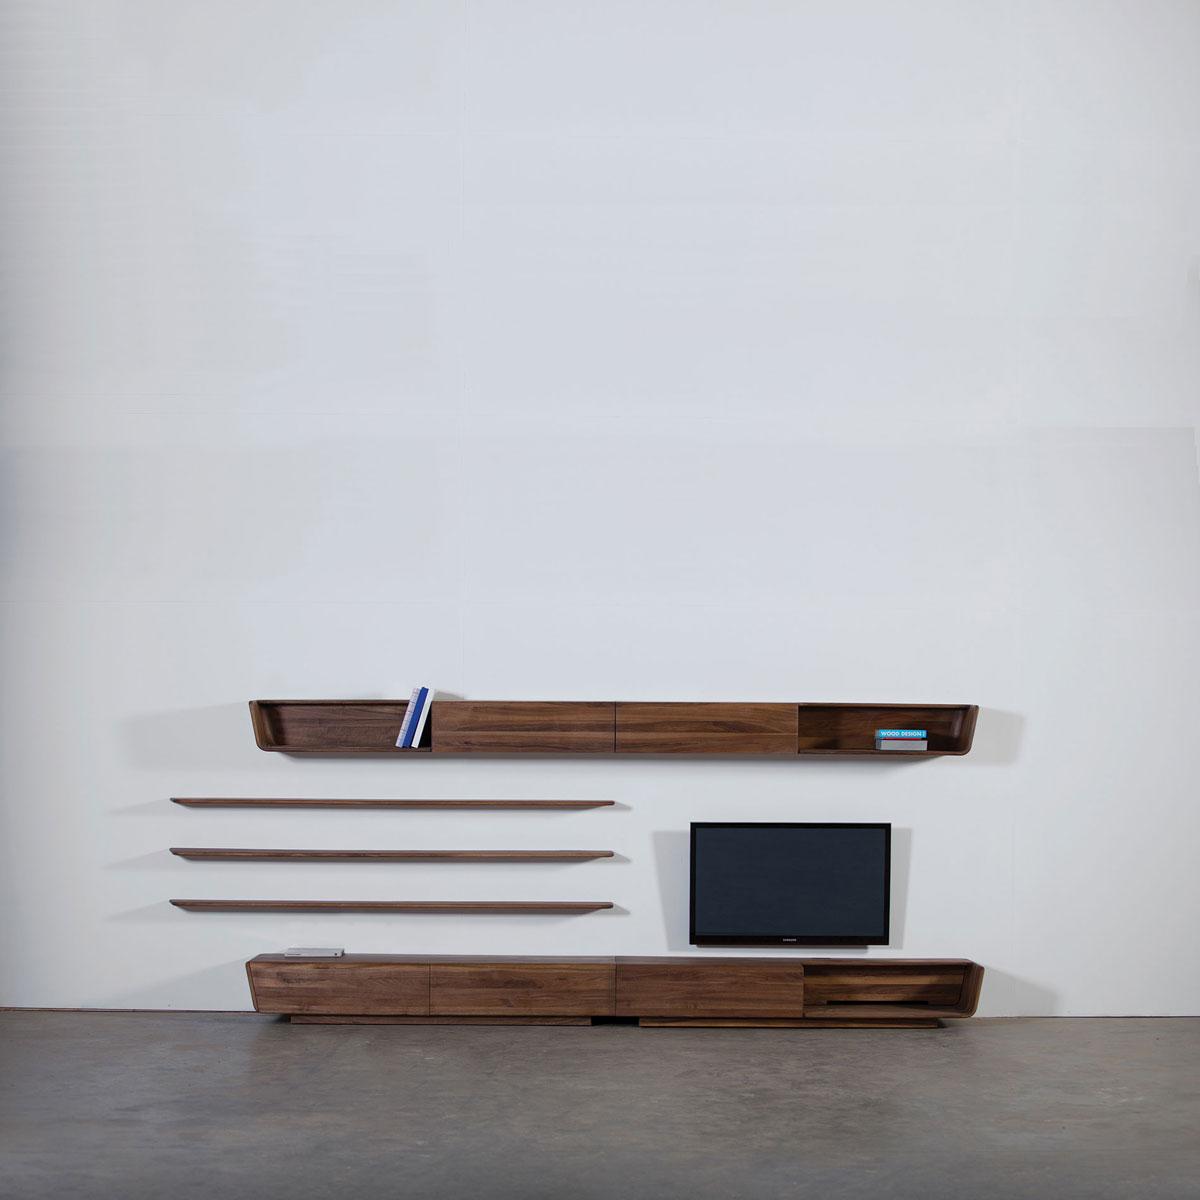 Mueble Modular Latus Suelo, diseño moderno original en madera con cajones y compartimentos, de producción artesanal de calidad para Artisan